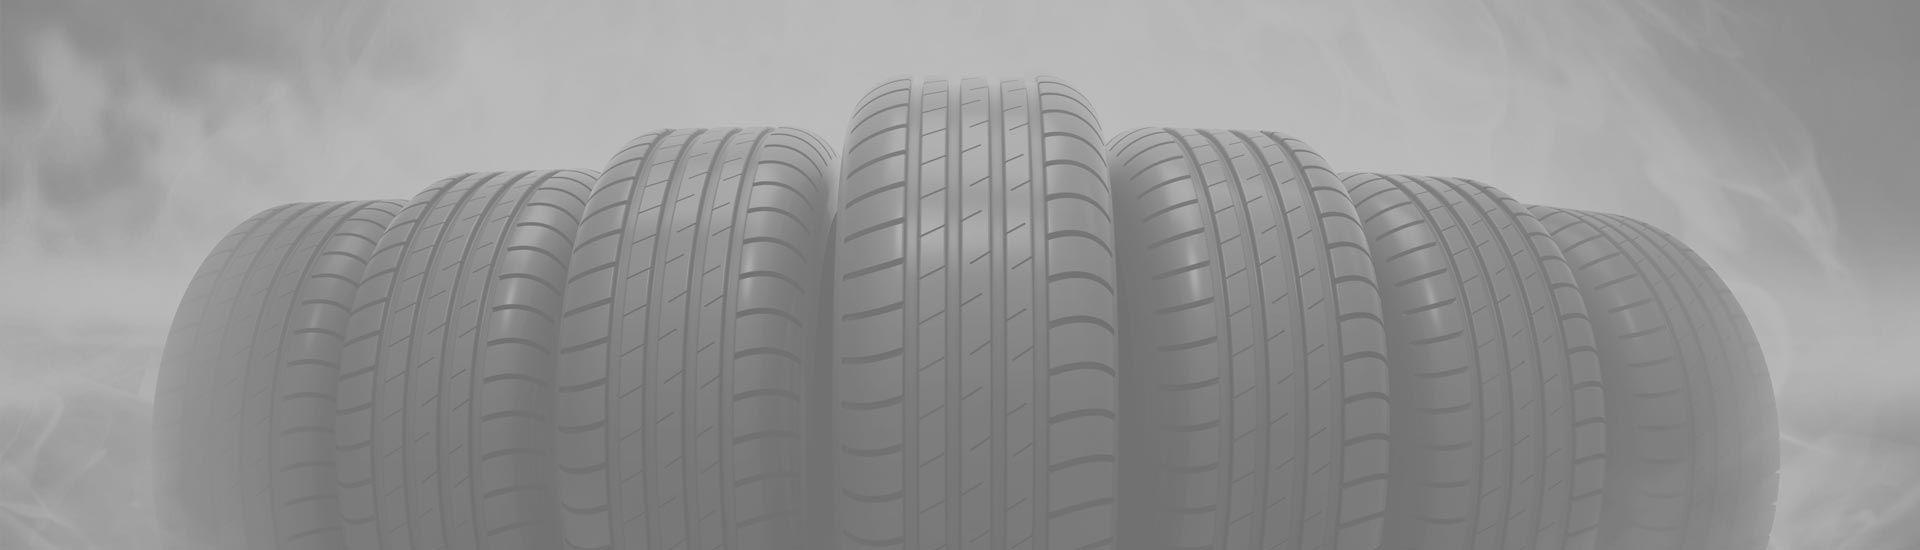 3D Messtechnik Reifen